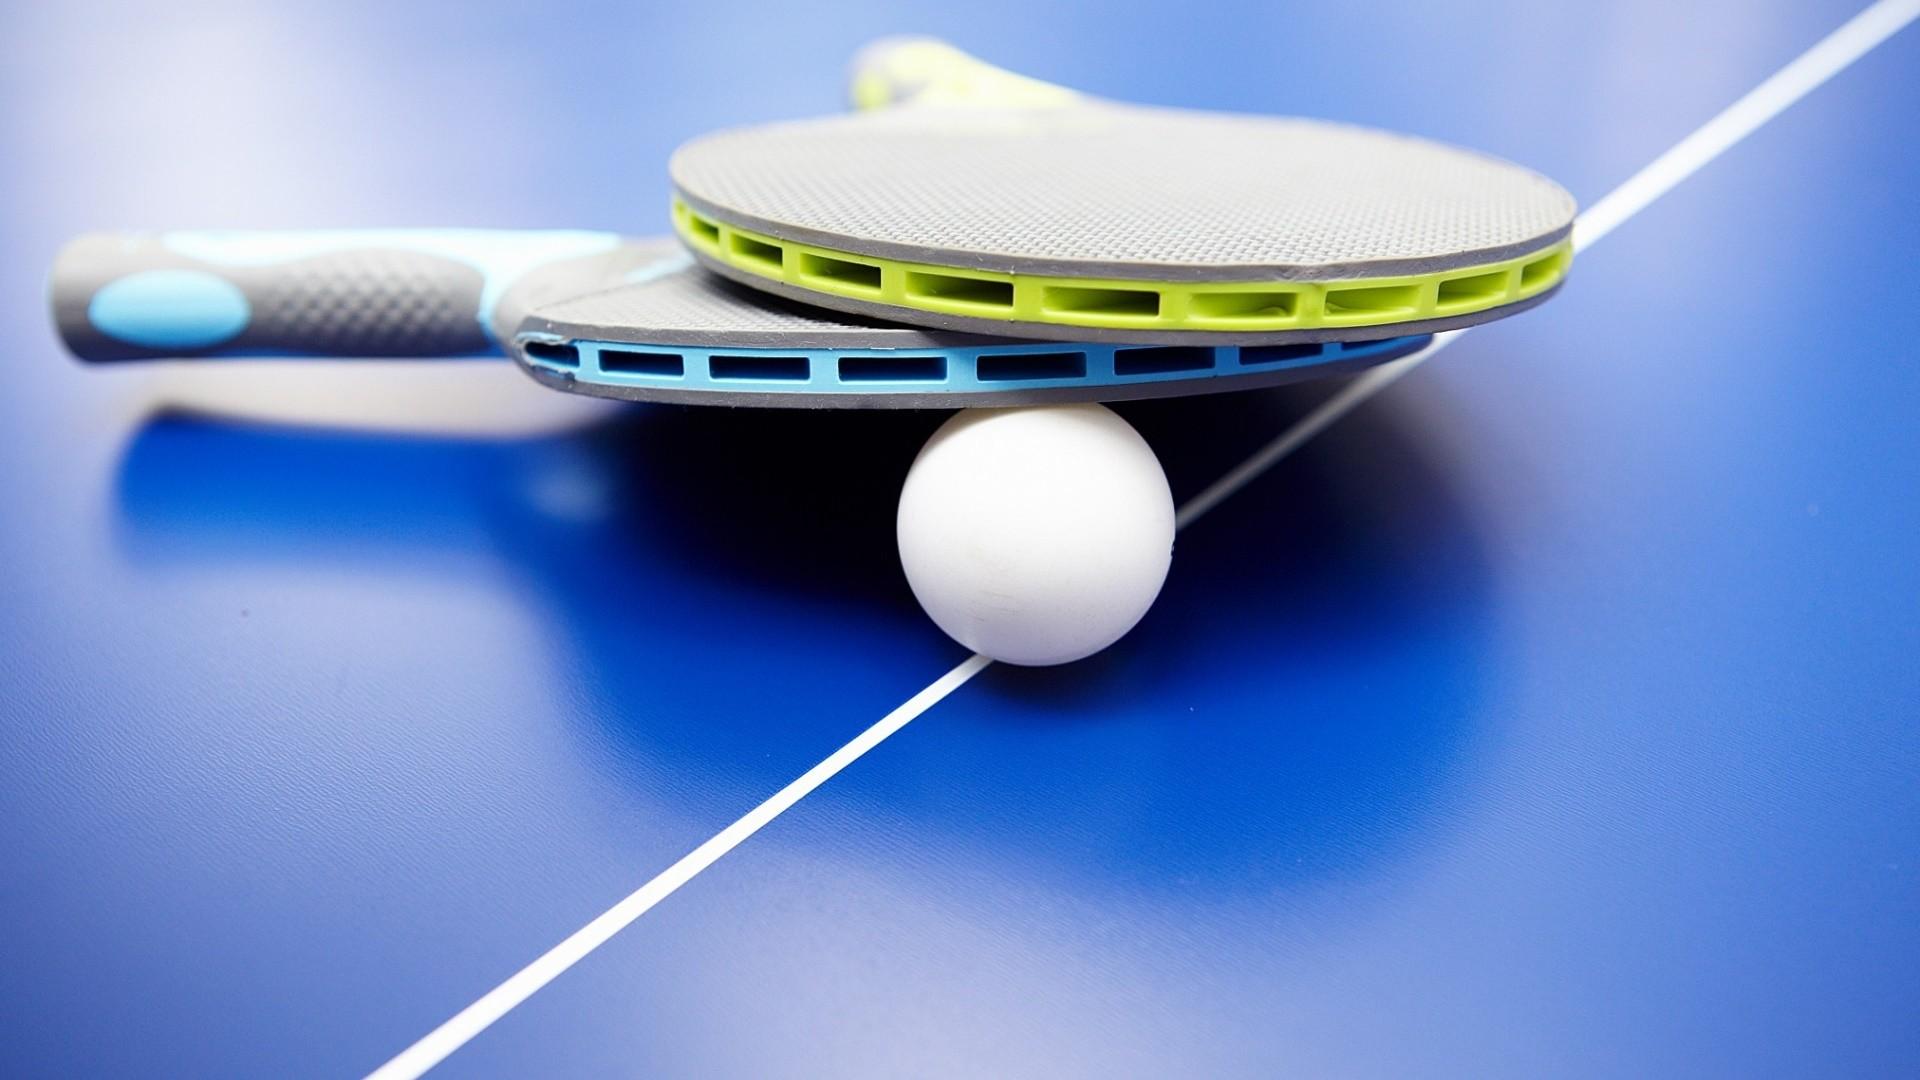 картинки настольный теннис для рабочего стола болельщикам точно